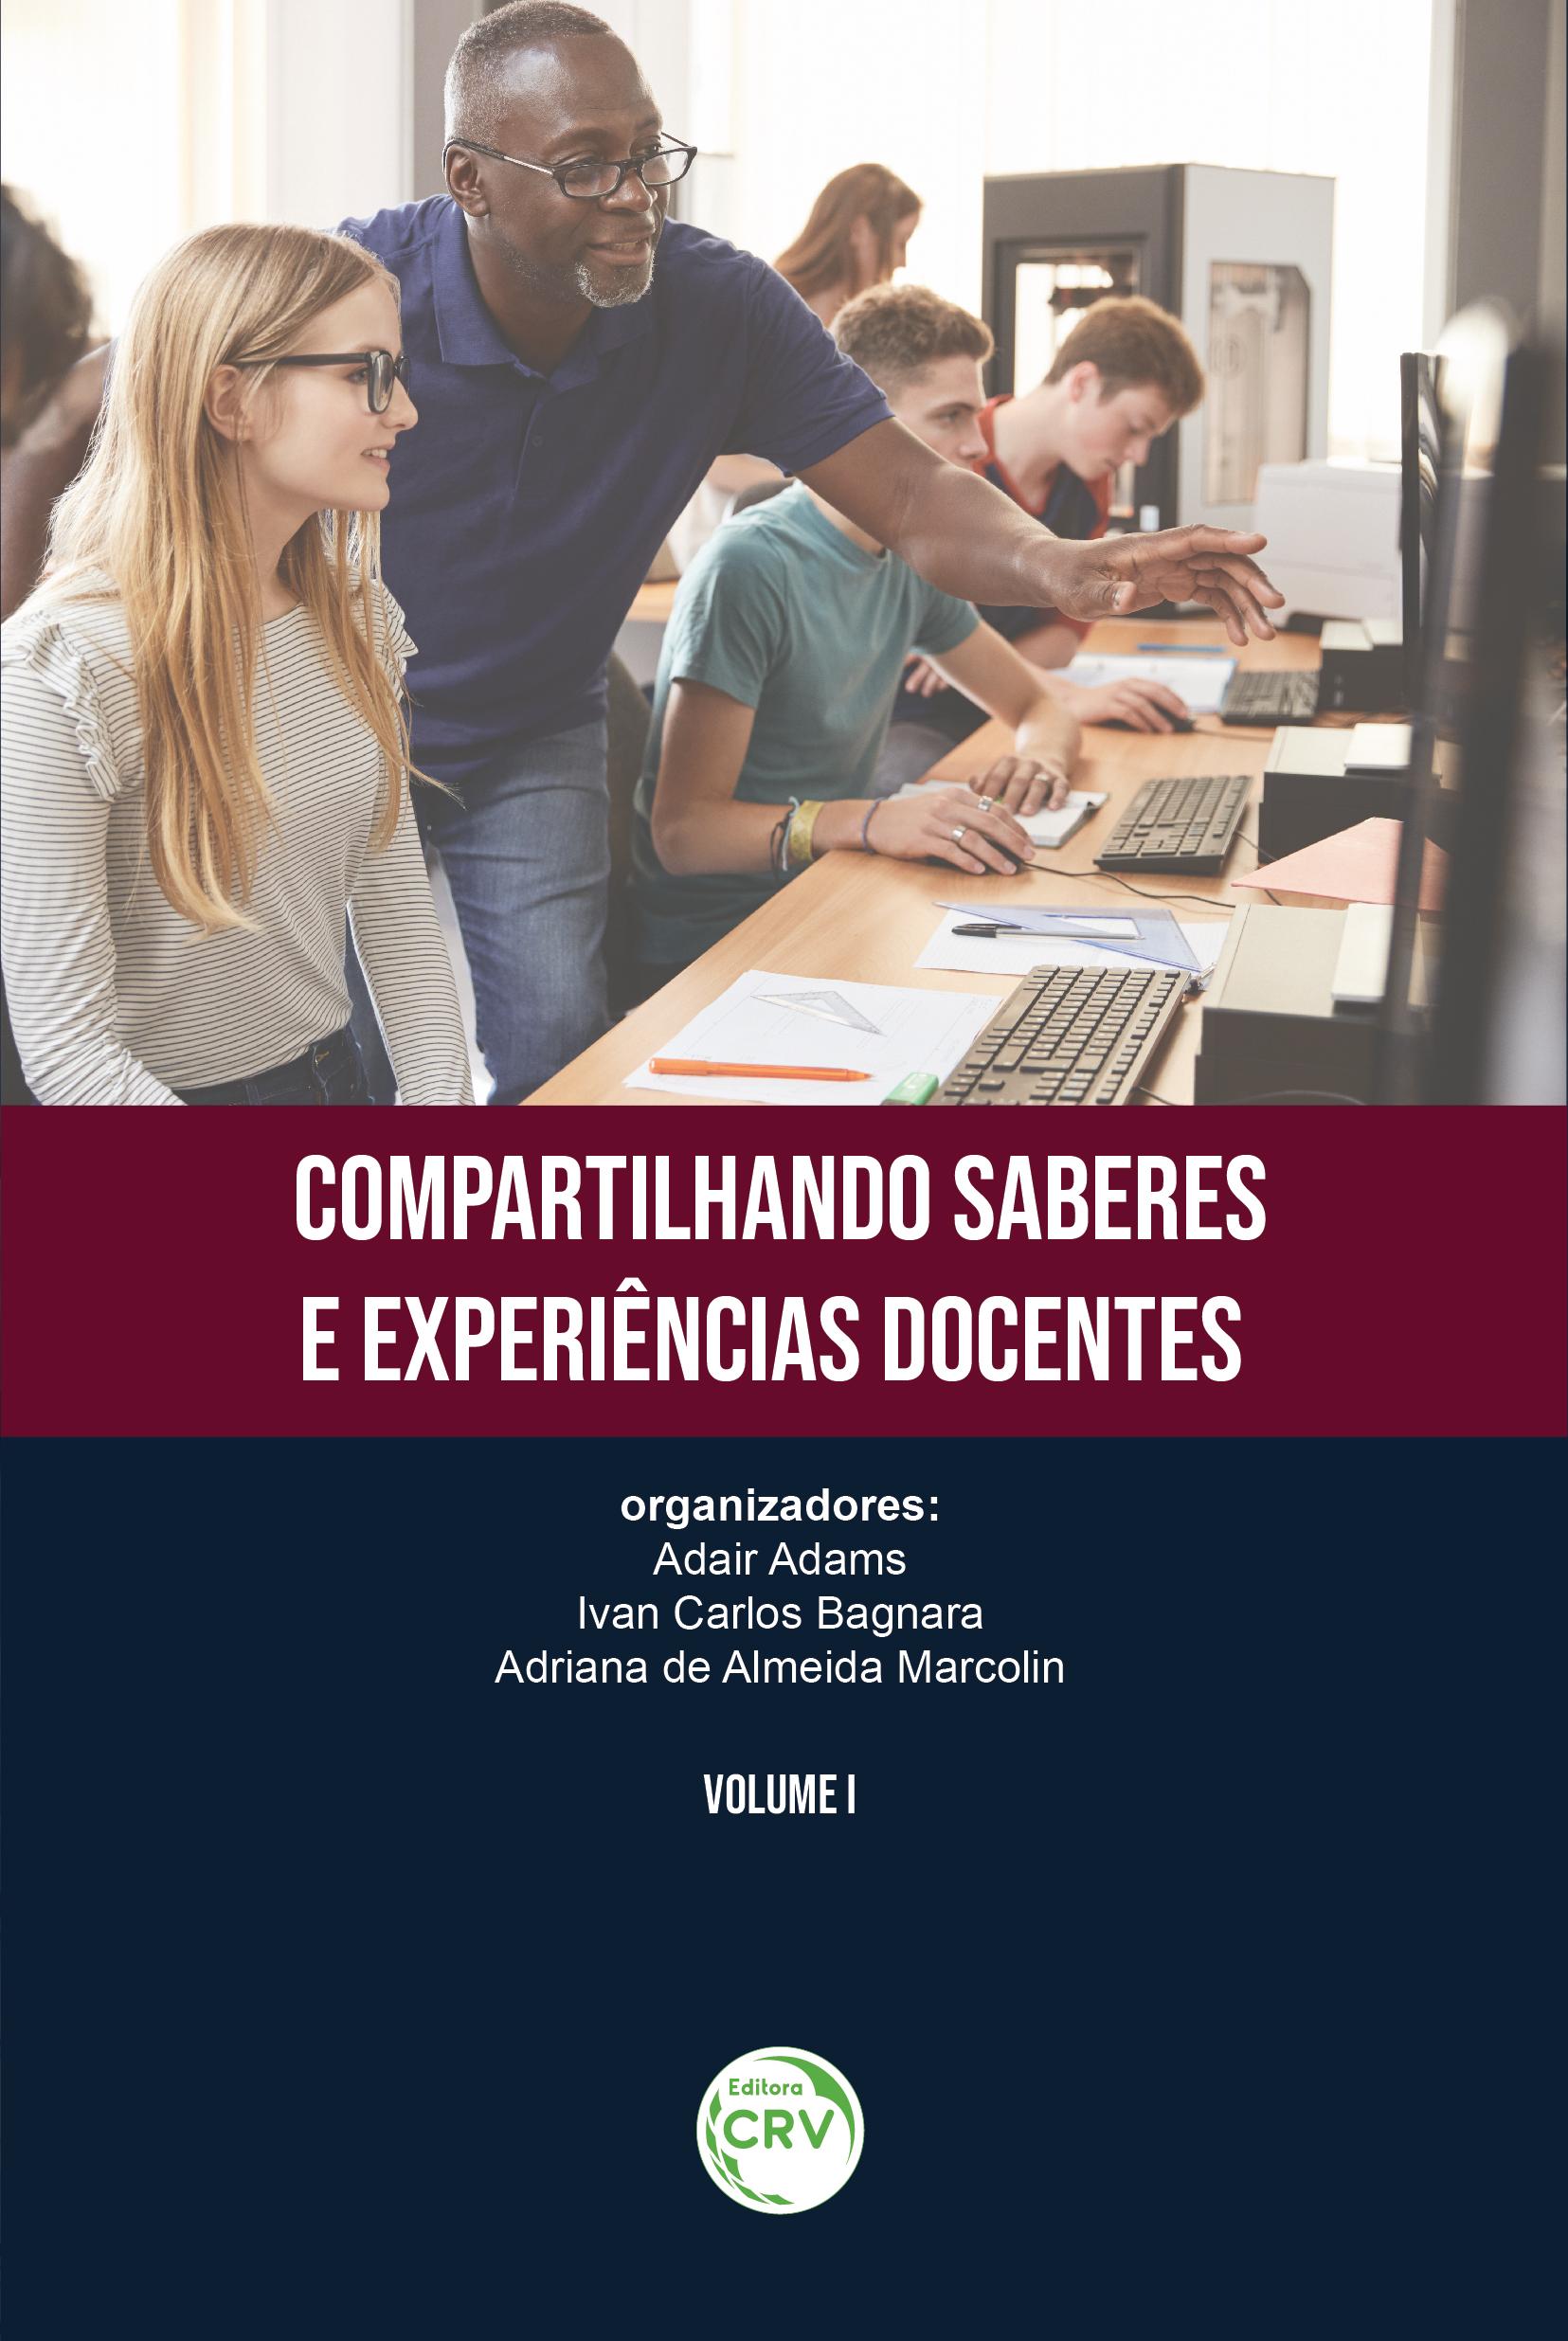 Capa do livro: COMPARTILHANDO SABERES E EXPERIÊNCIAS DOCENTES <br> Volume I